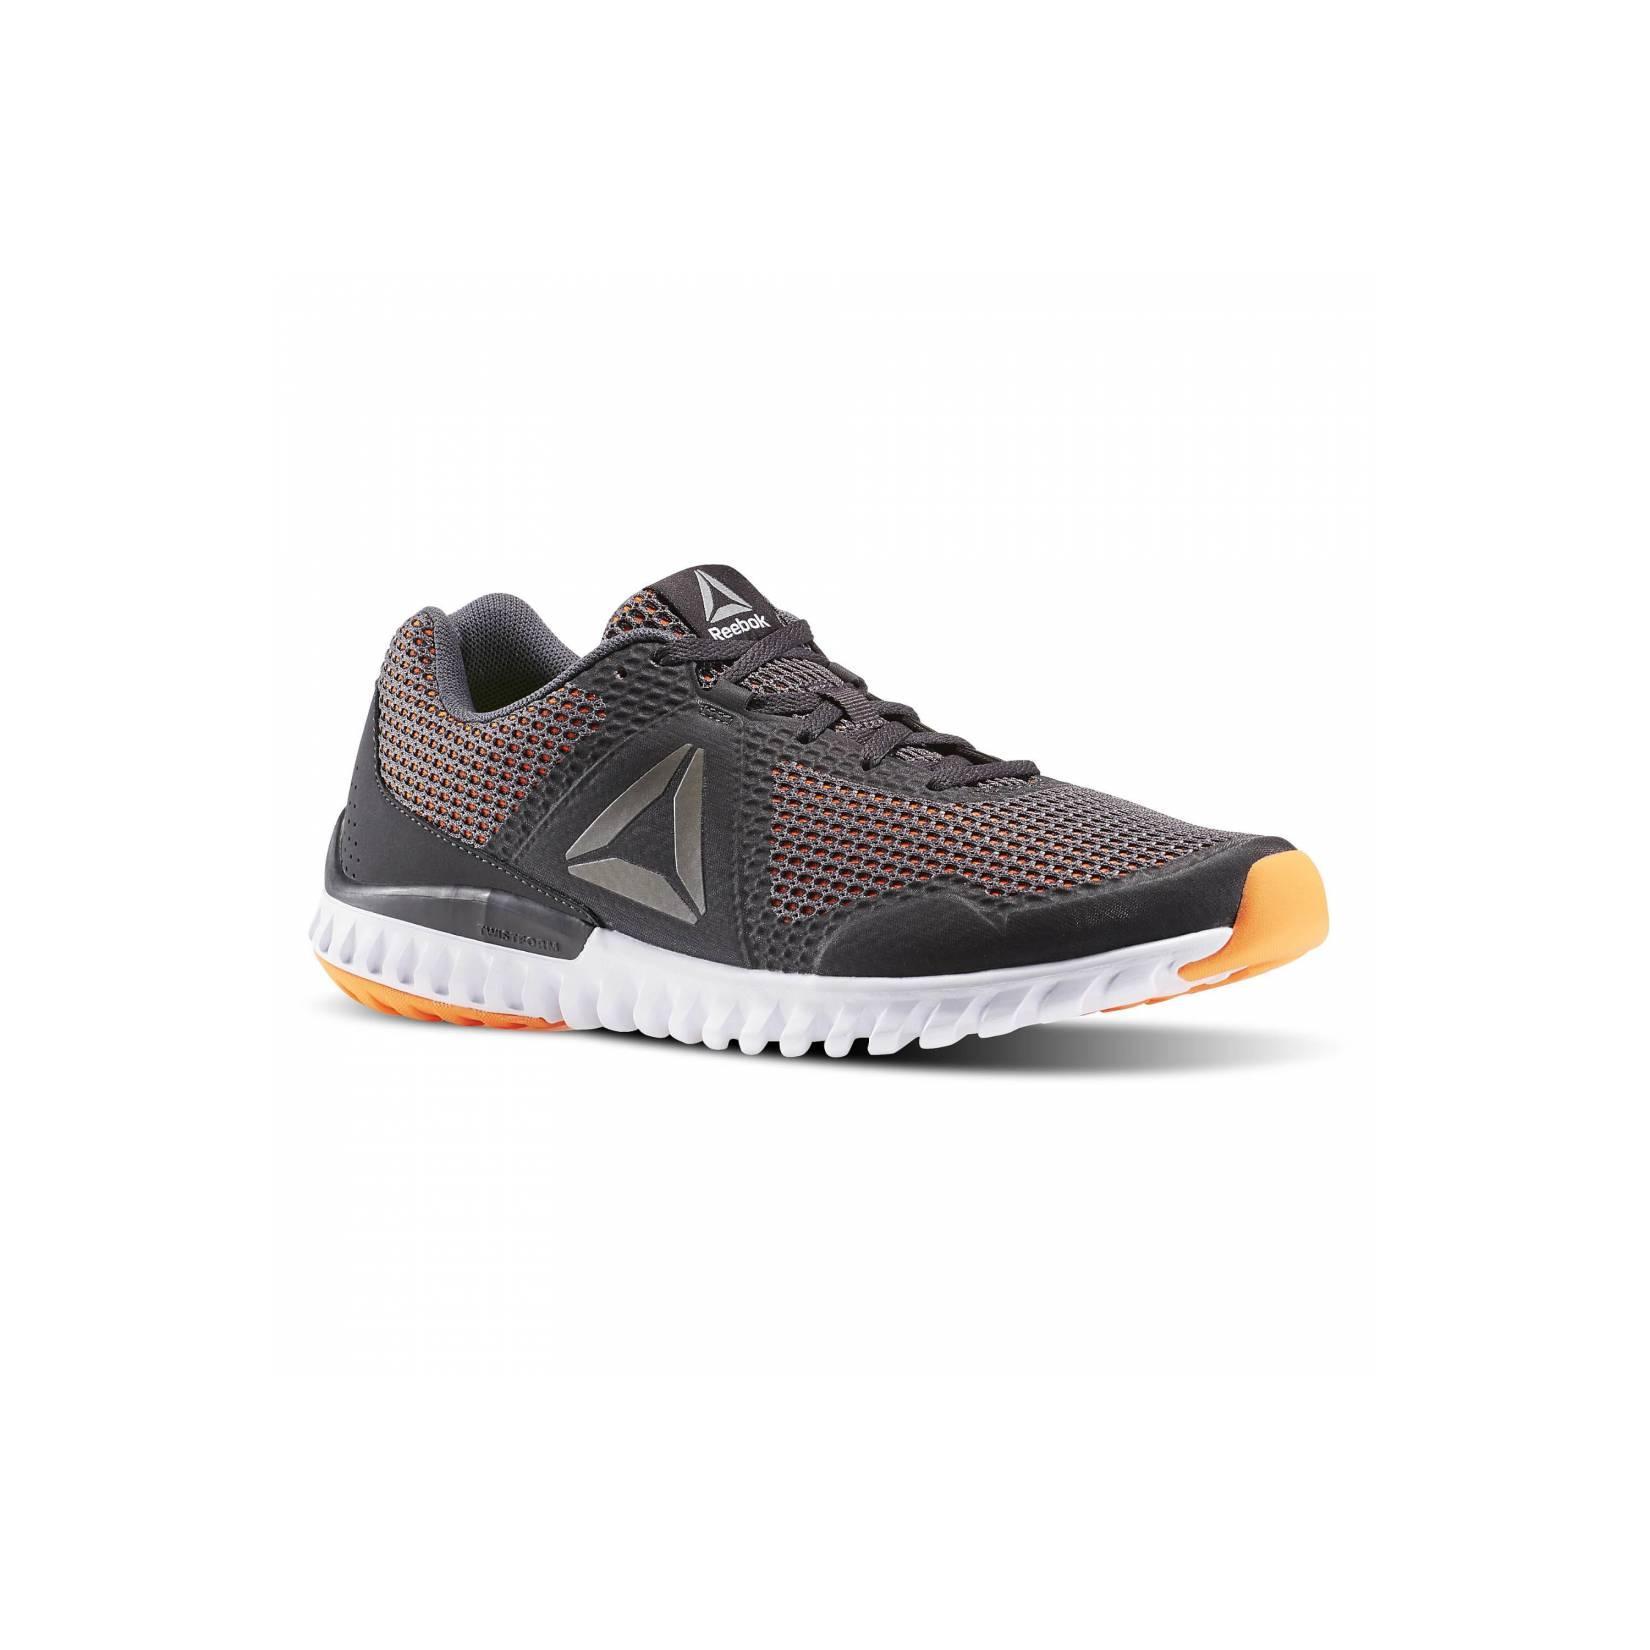 Sepatu Running Reebok Twistform Blaze 3.0 MTM Original BNIB - Abu -abu Tua 26a5062280